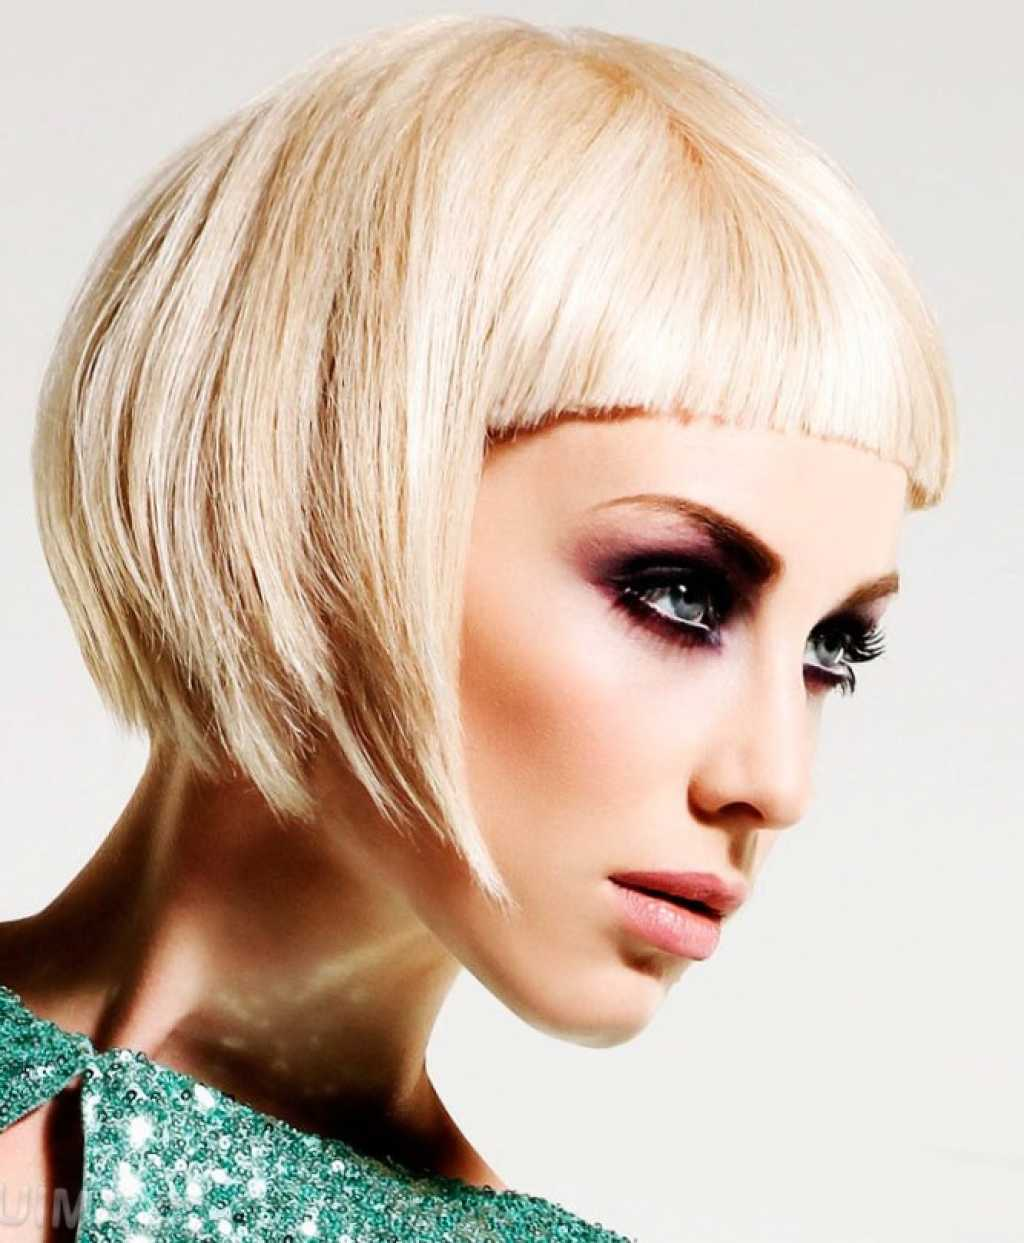 image38-8 | Модные женские стрижки на короткие волосы: основные правила и варианты исполнения